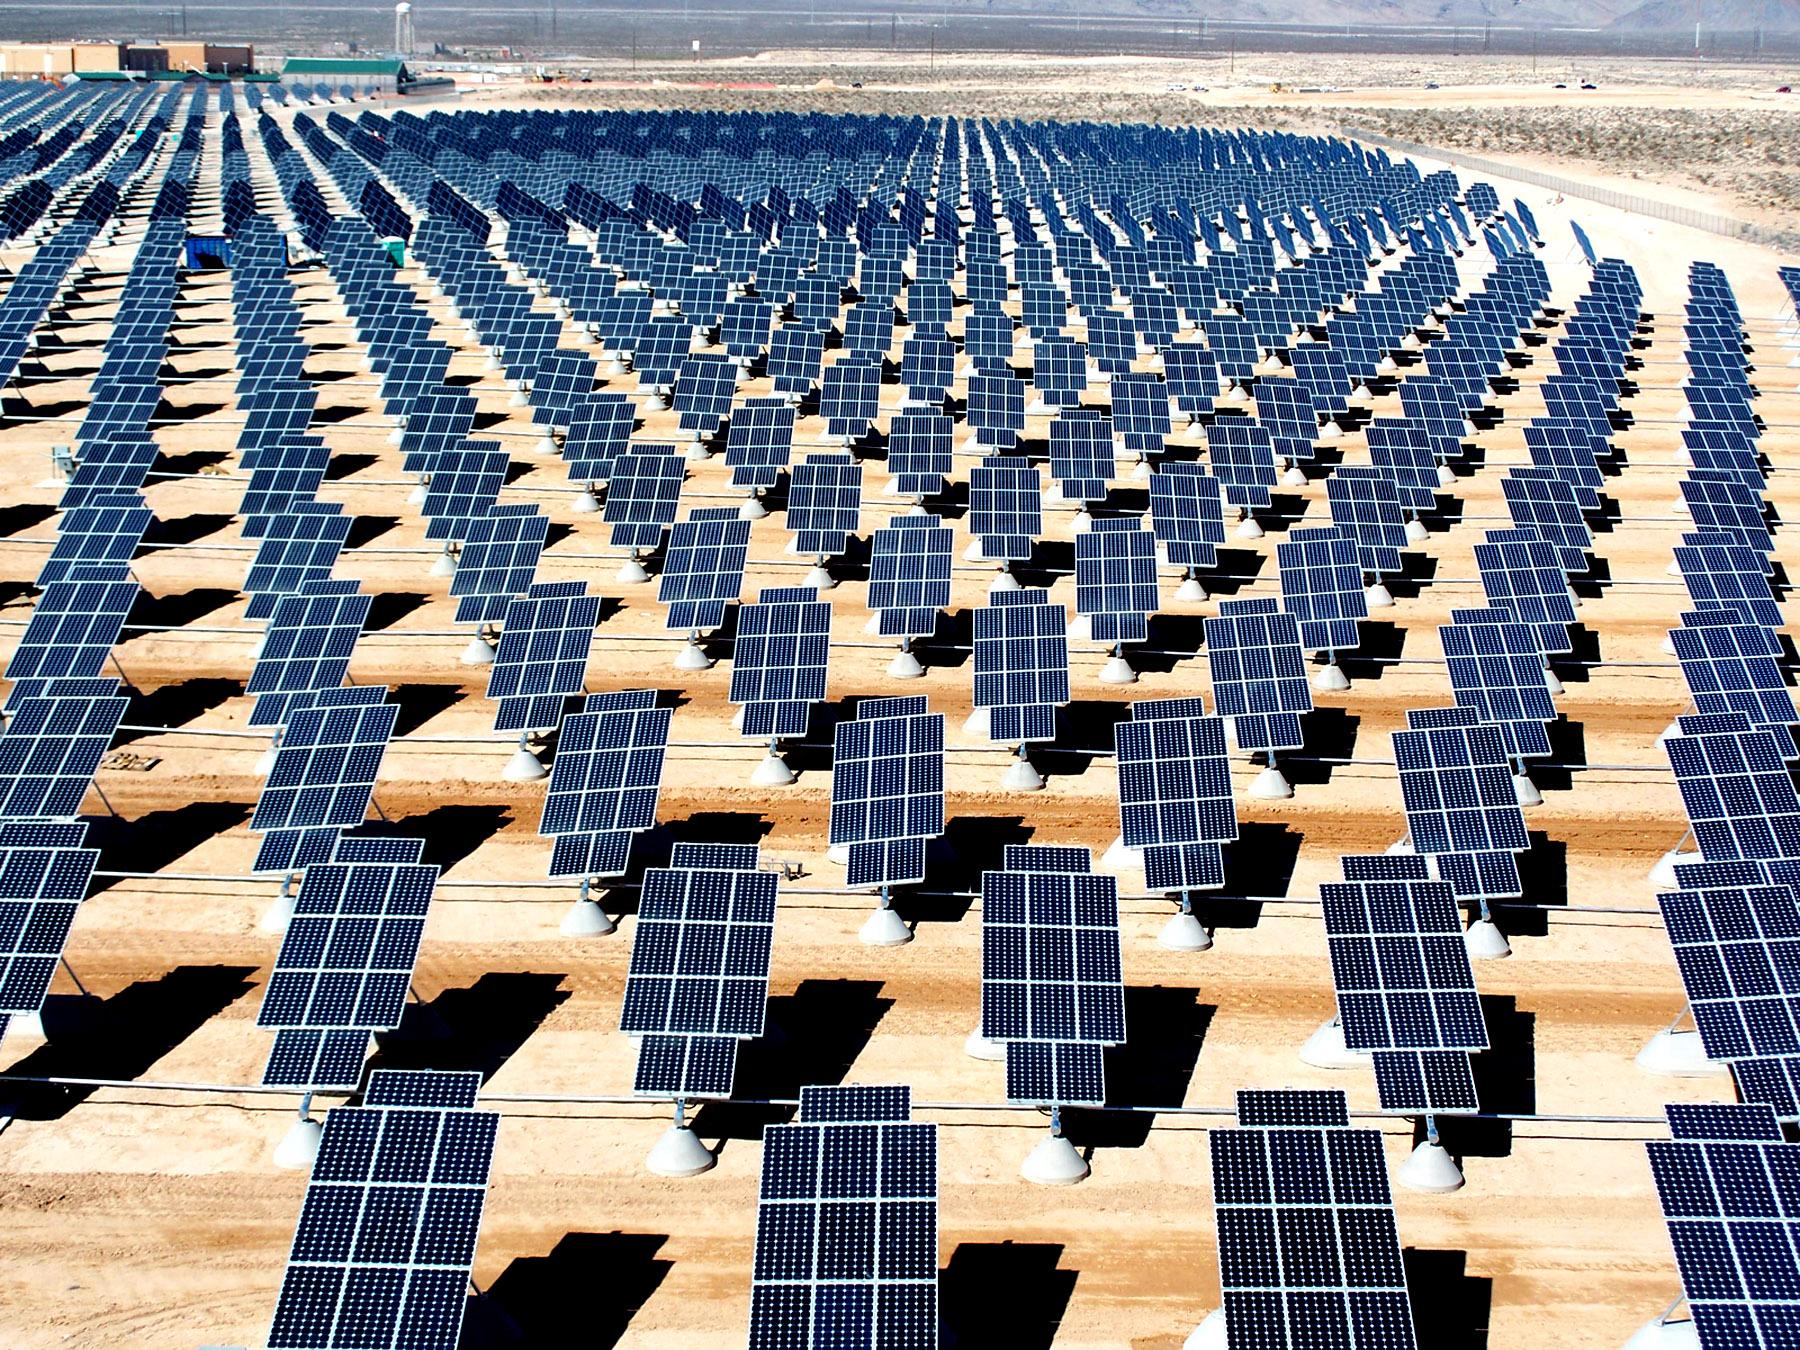 Giant Photovoltaic